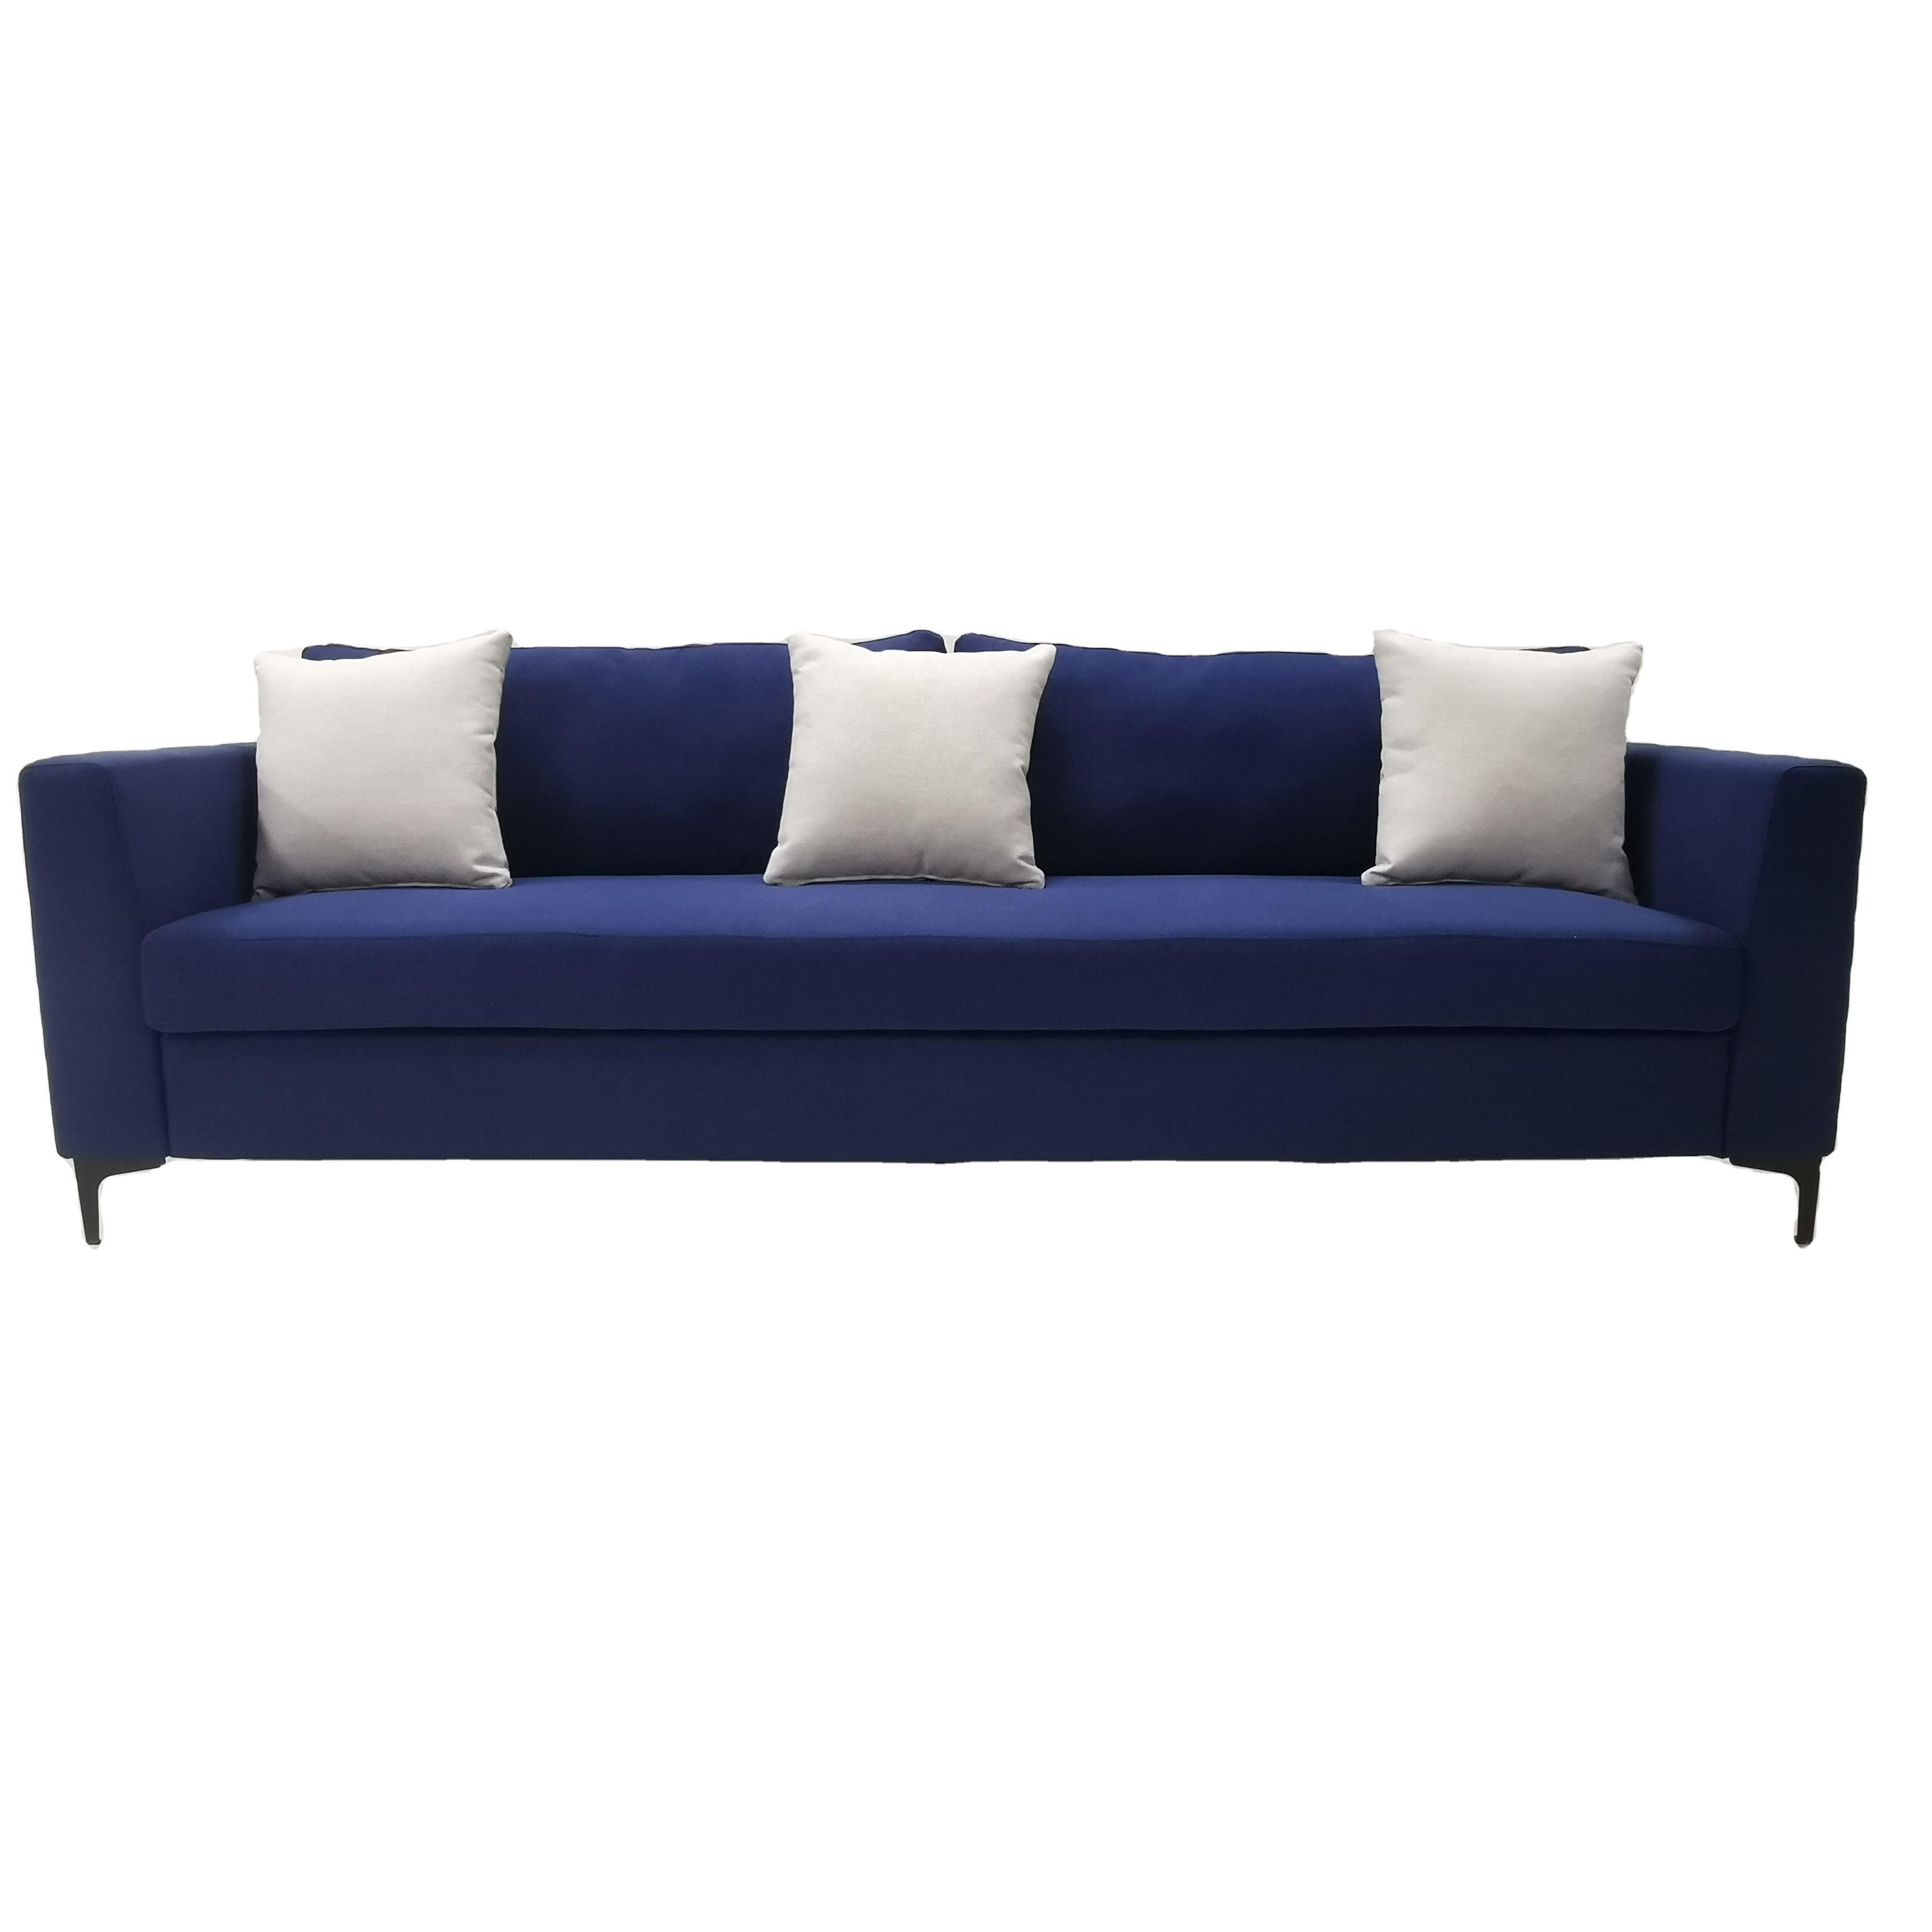 Xin yu móveis mais recente projeto seccional conjunto de sofá moderno 2 3 seater sofá móveis da sala